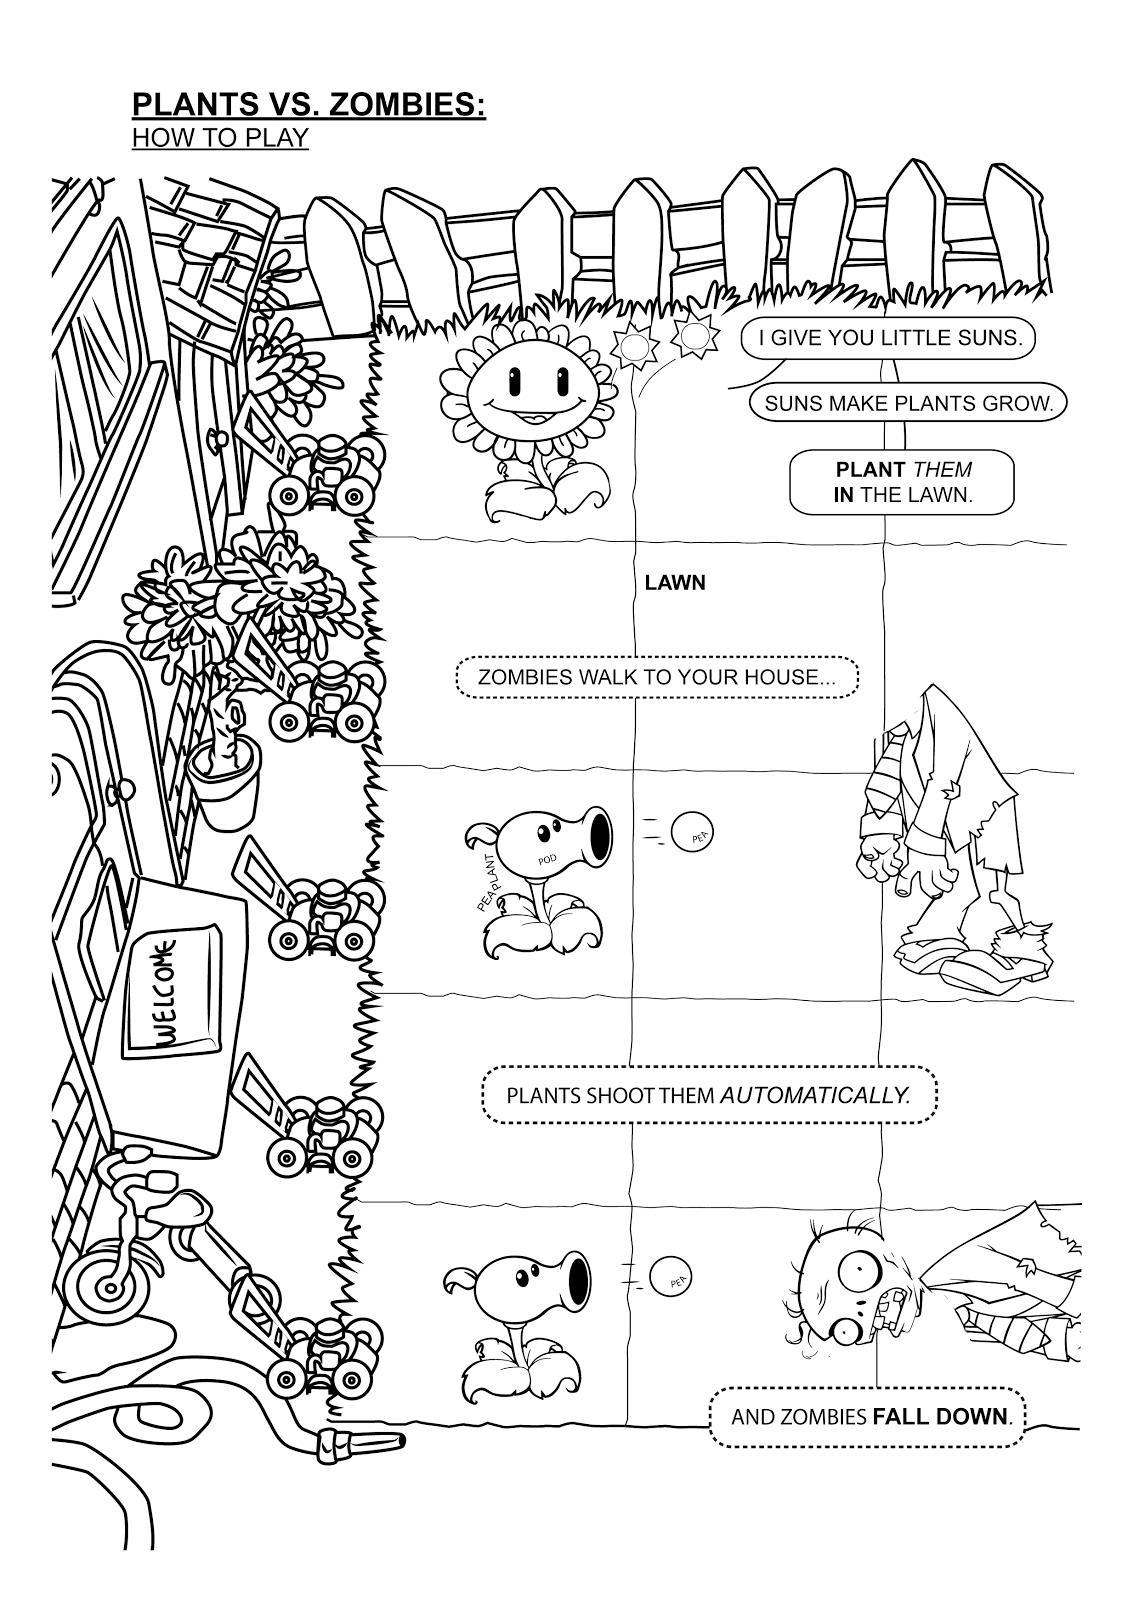 зомби против растений игра распечатать раскраски для мальчиков